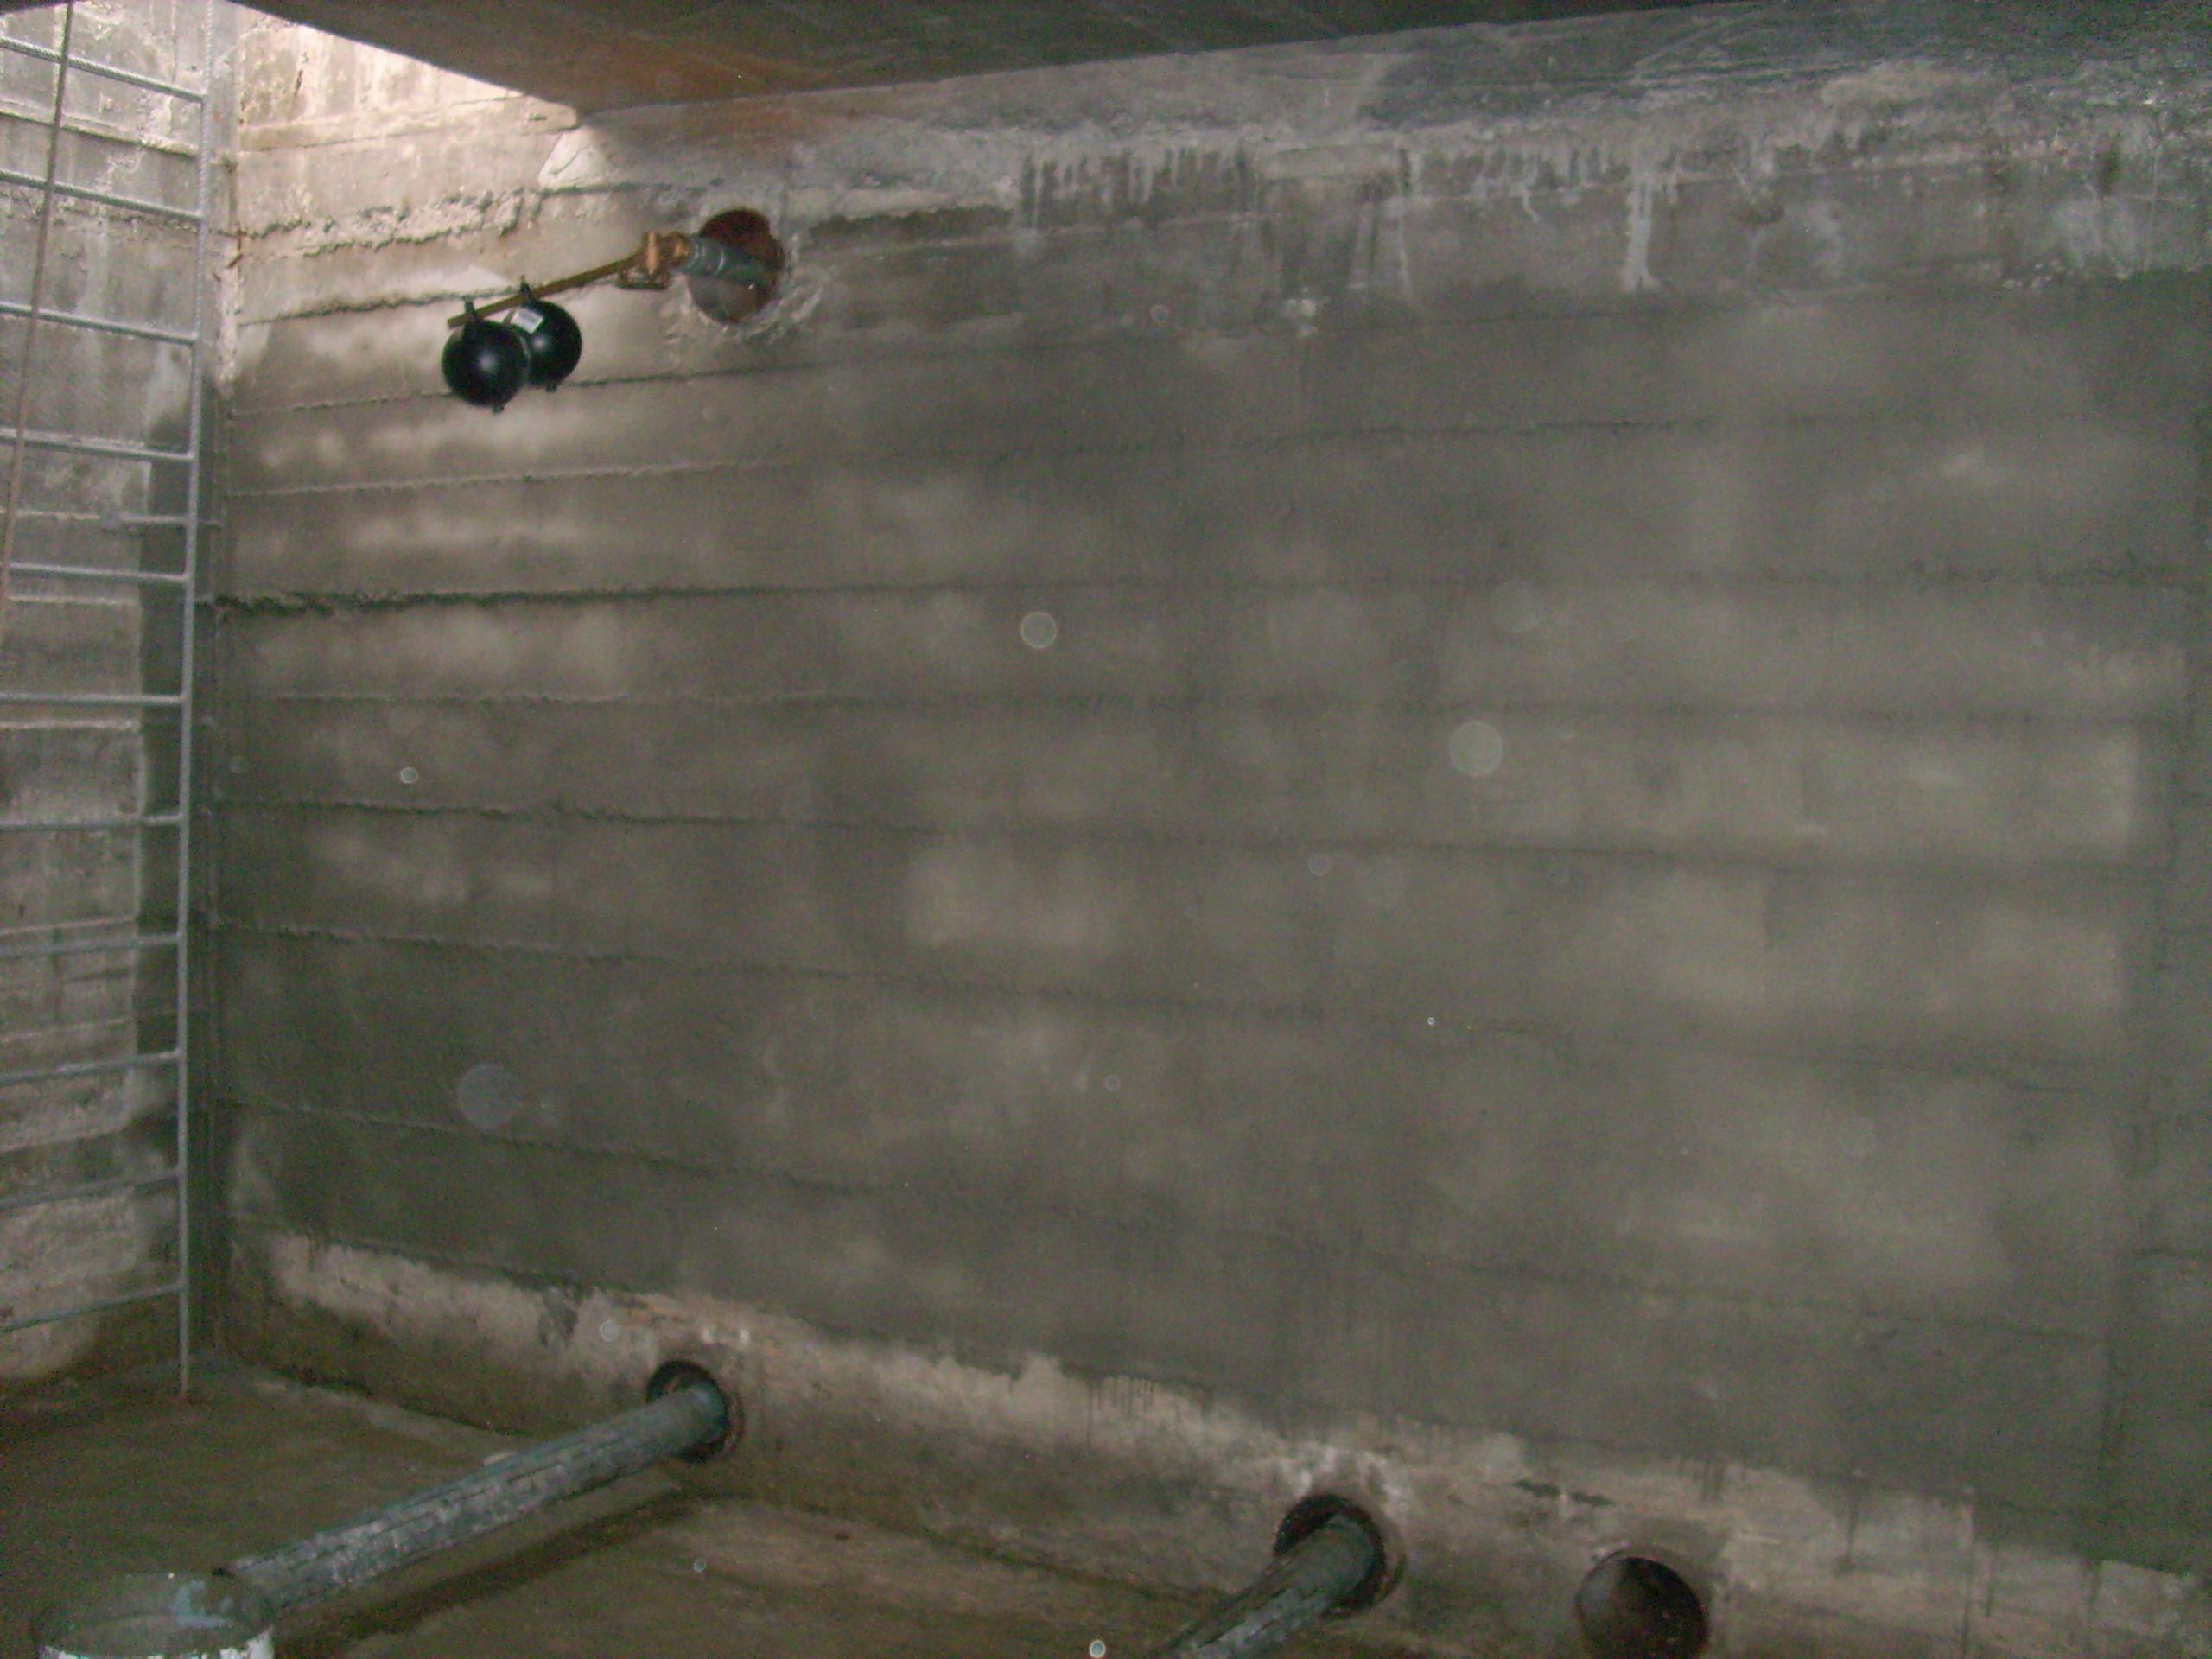 Aplicarea tratamentelor de impermeabilizare - BALCOVI - Bazin apa - Nissan - Tunari UNICO PROFIT - Poza 14